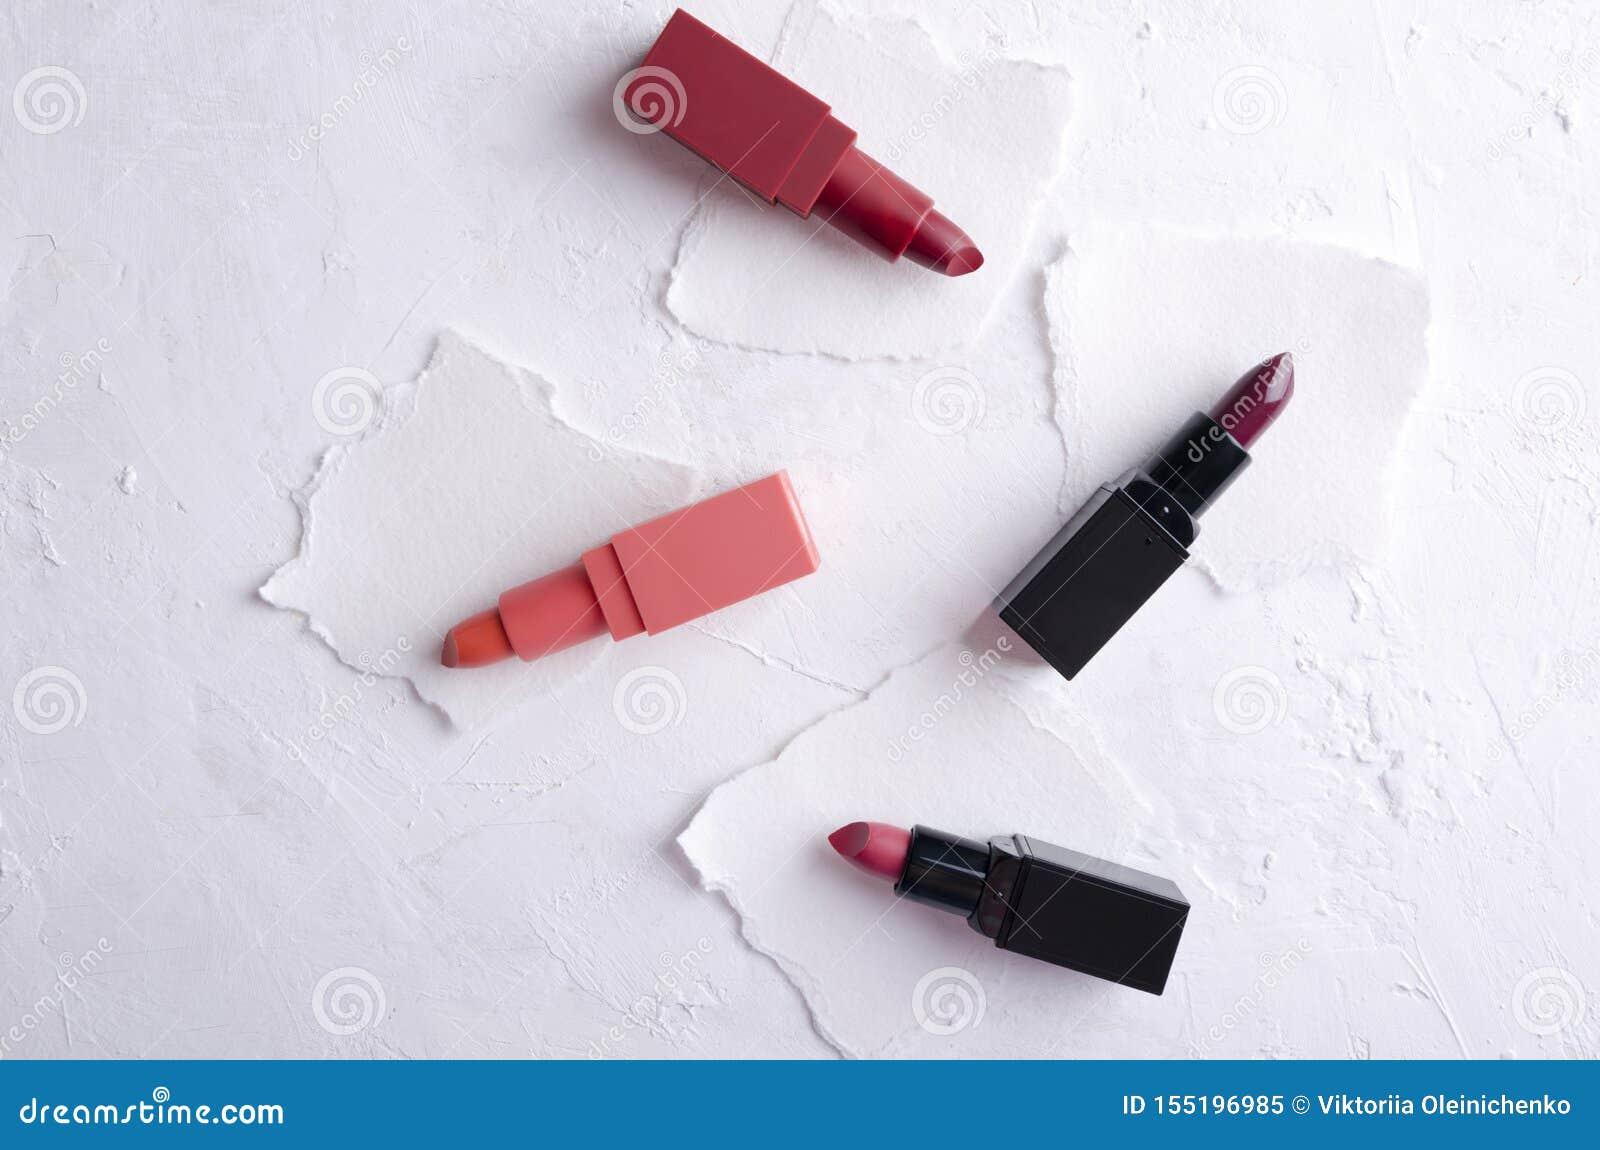 唇膏不同颜色的例子在本文的